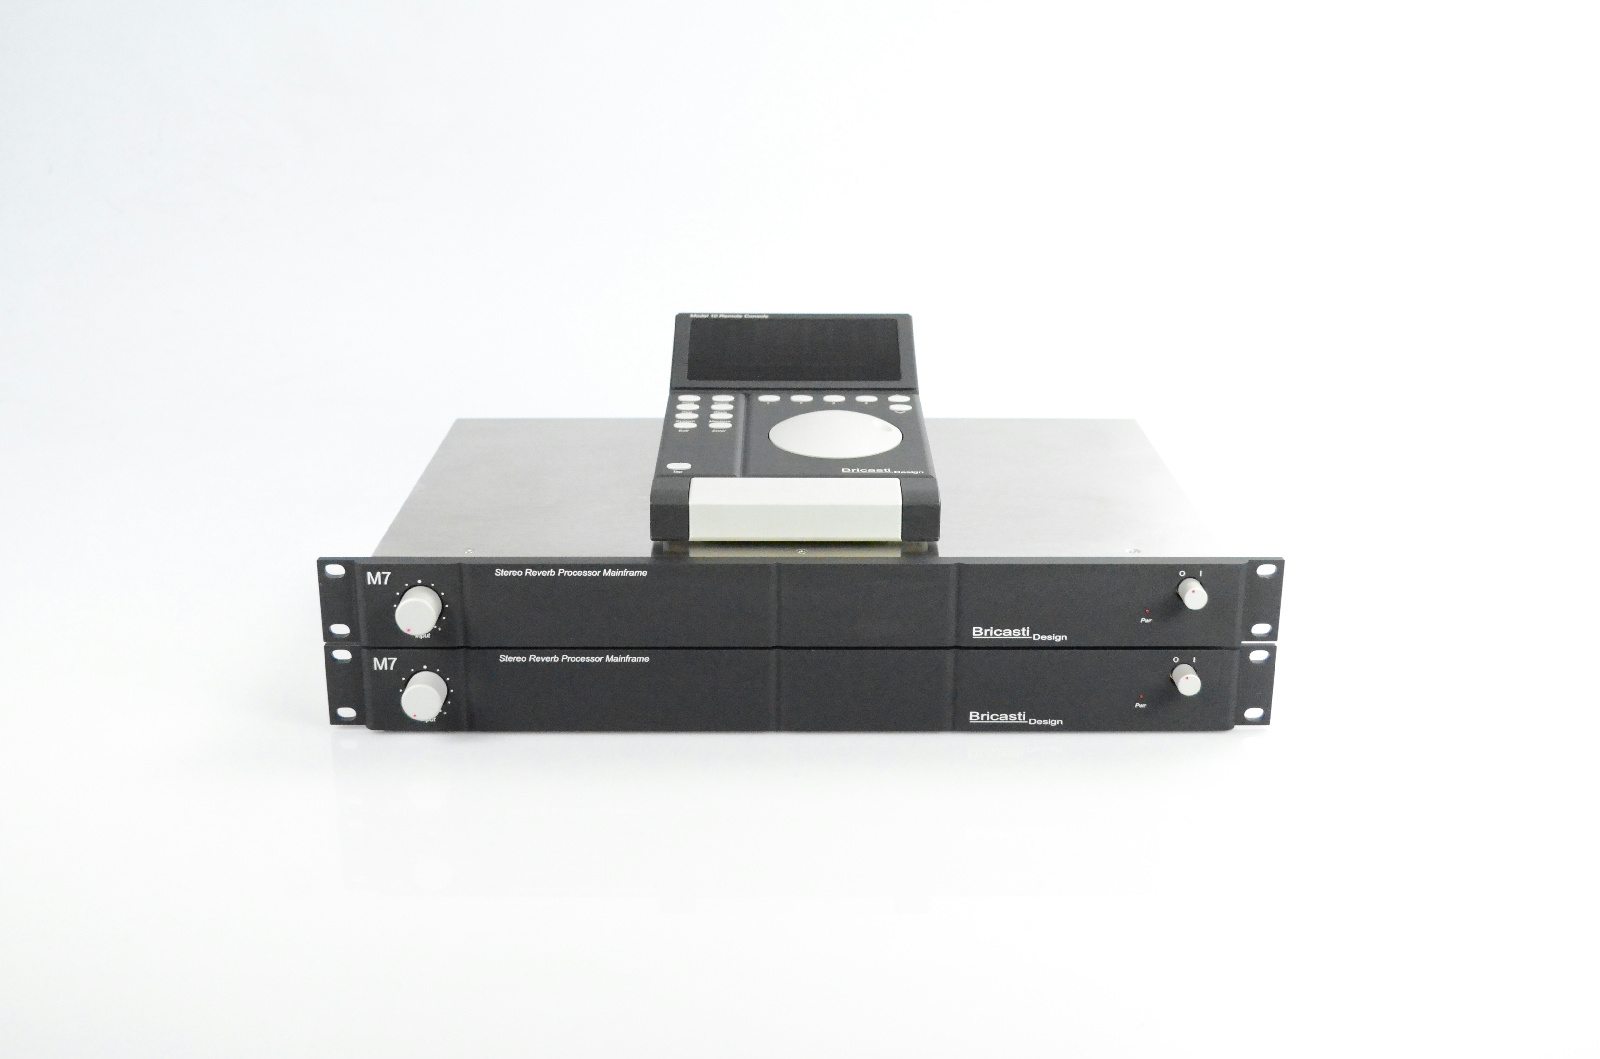 Bricasti Design System 2 M7 Stereo Reverb Processor Mainframe w/ Model 10 #33139